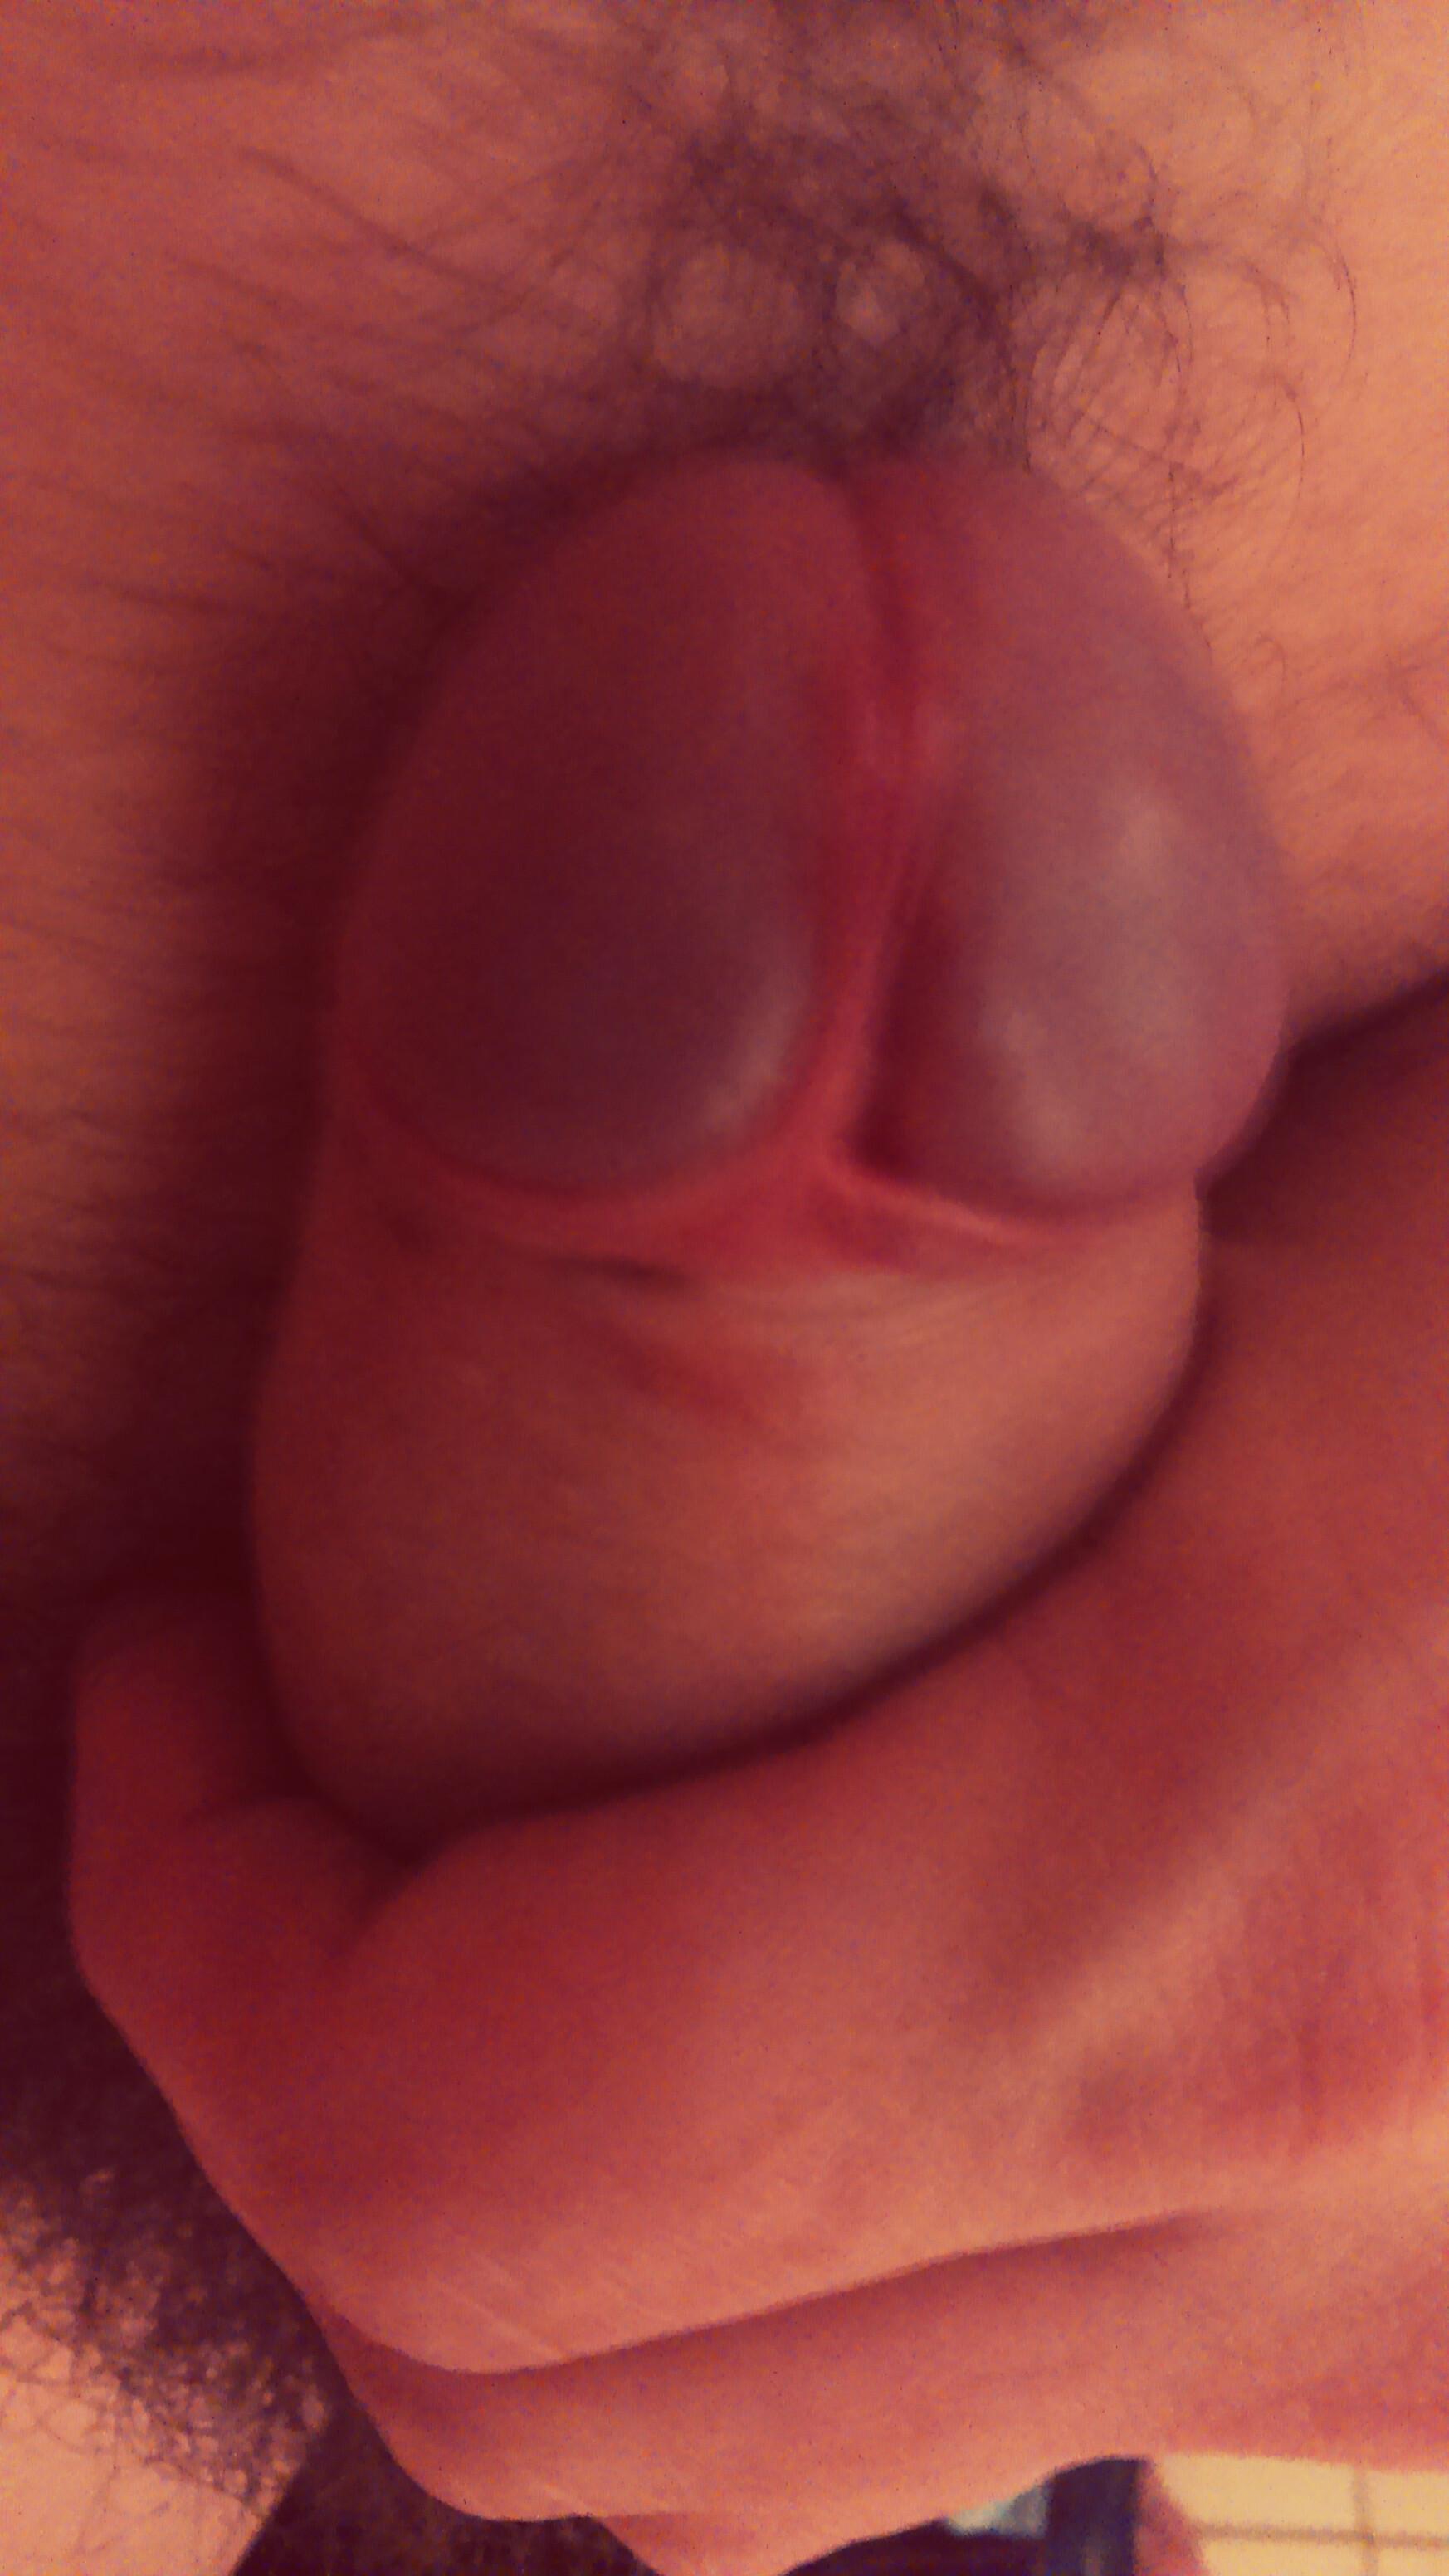 Duele la parte inferior de la espalda la demora mensual